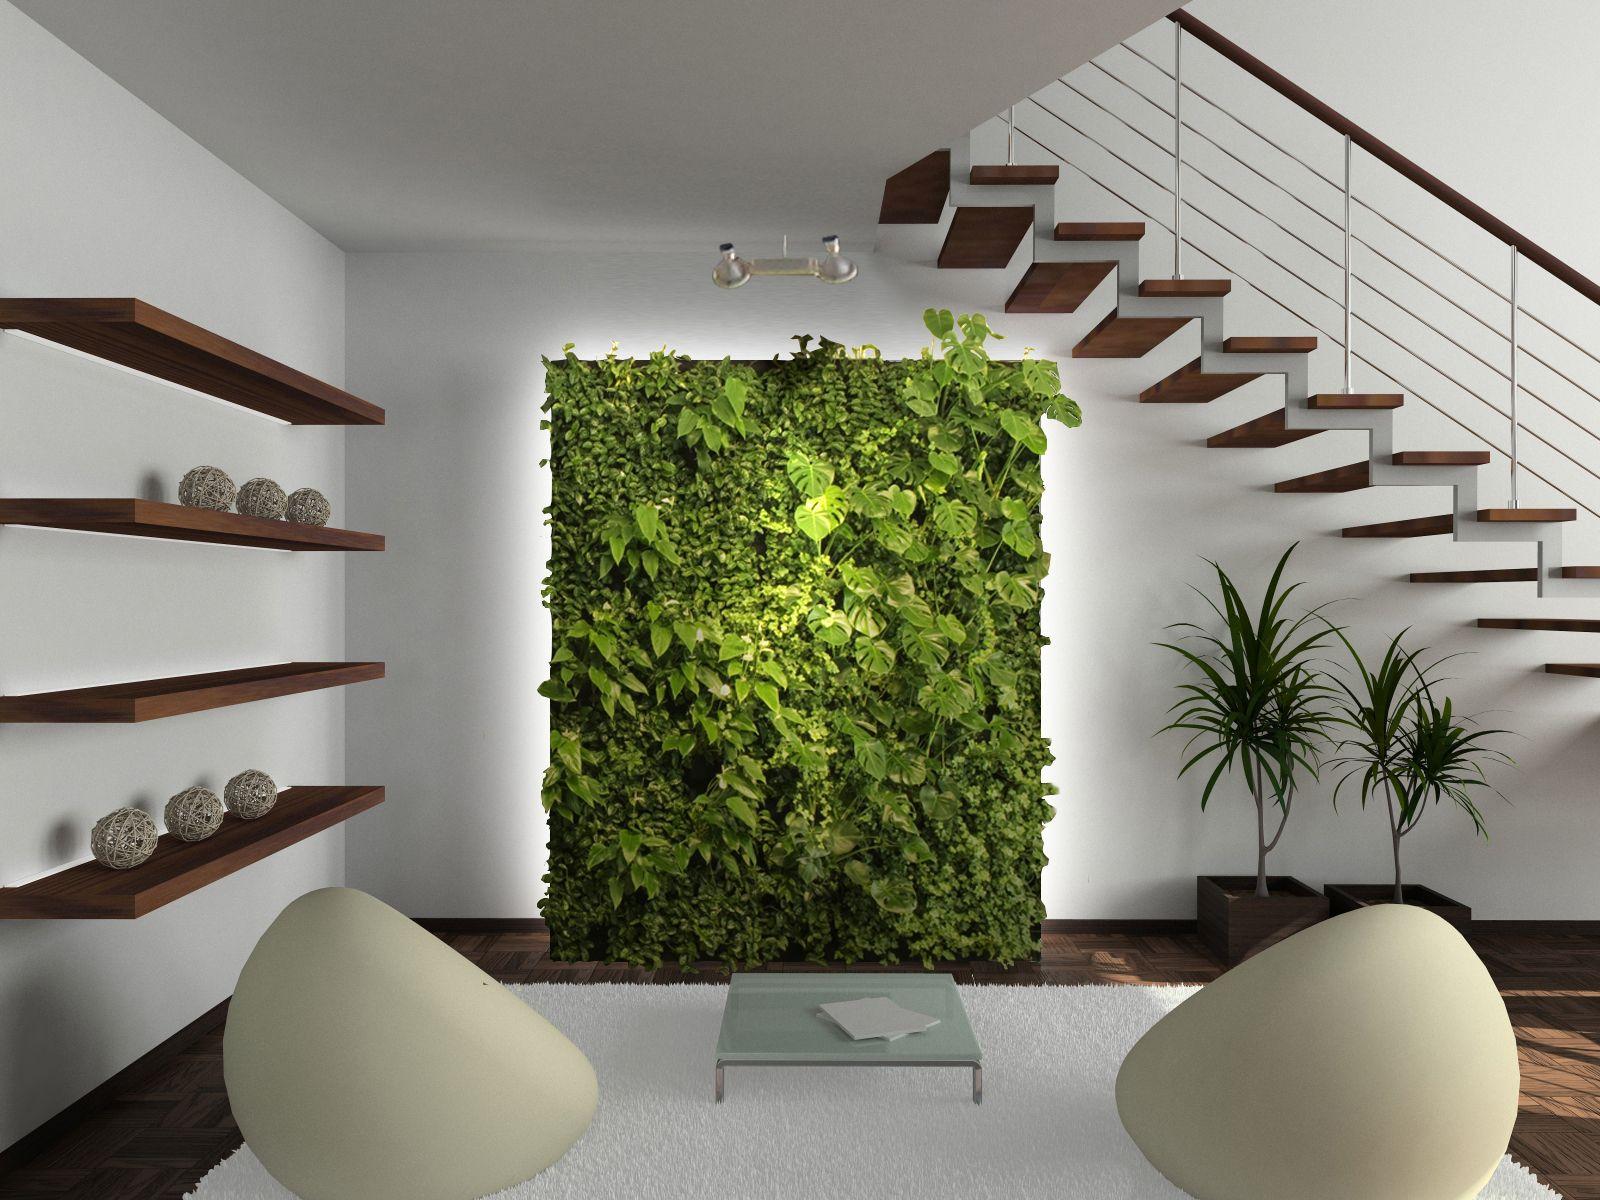 Muros verdes artificiales: ¿por qué decorar con ellos?